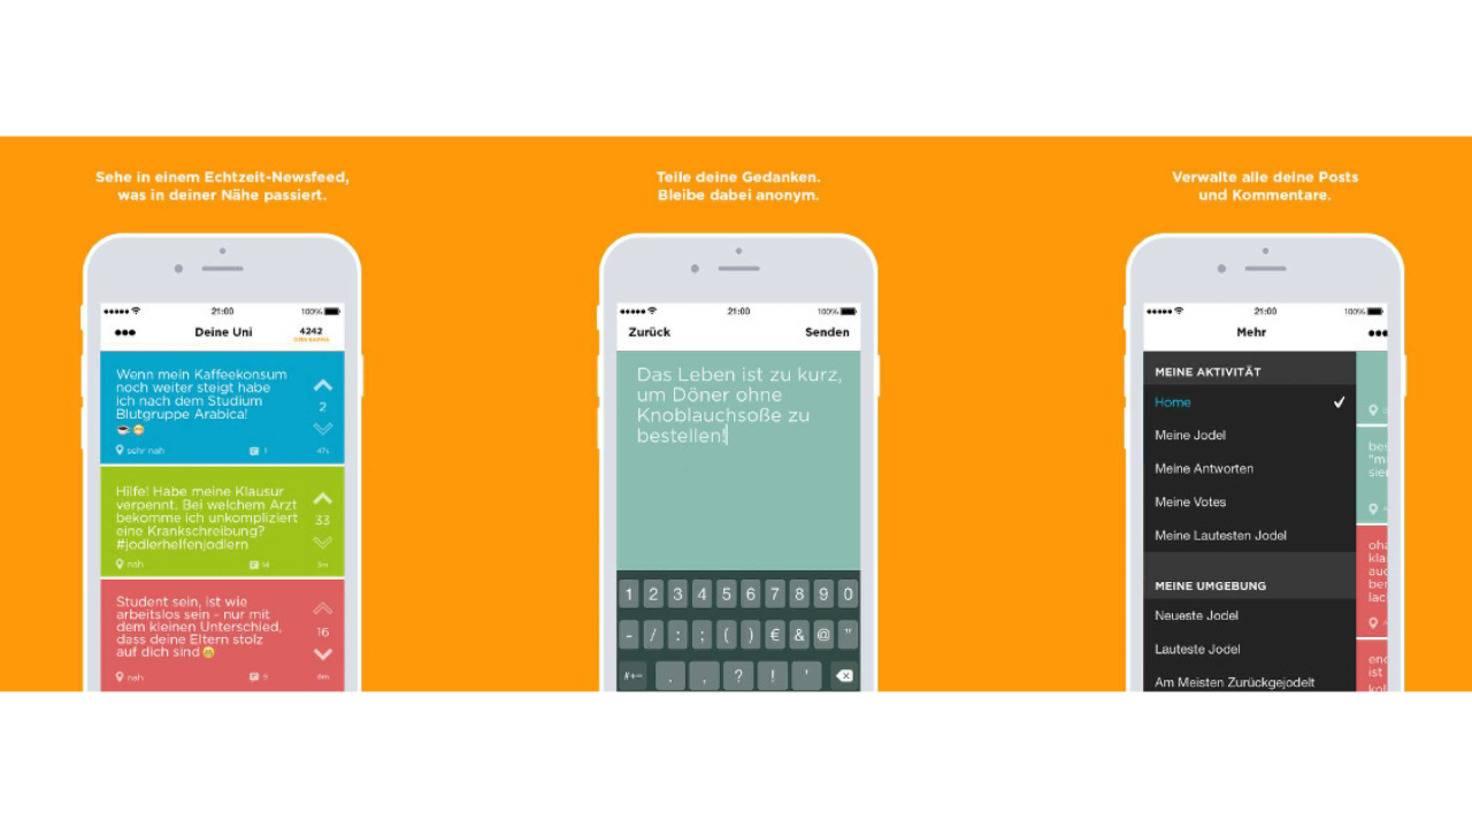 Jodel App funktionsweise